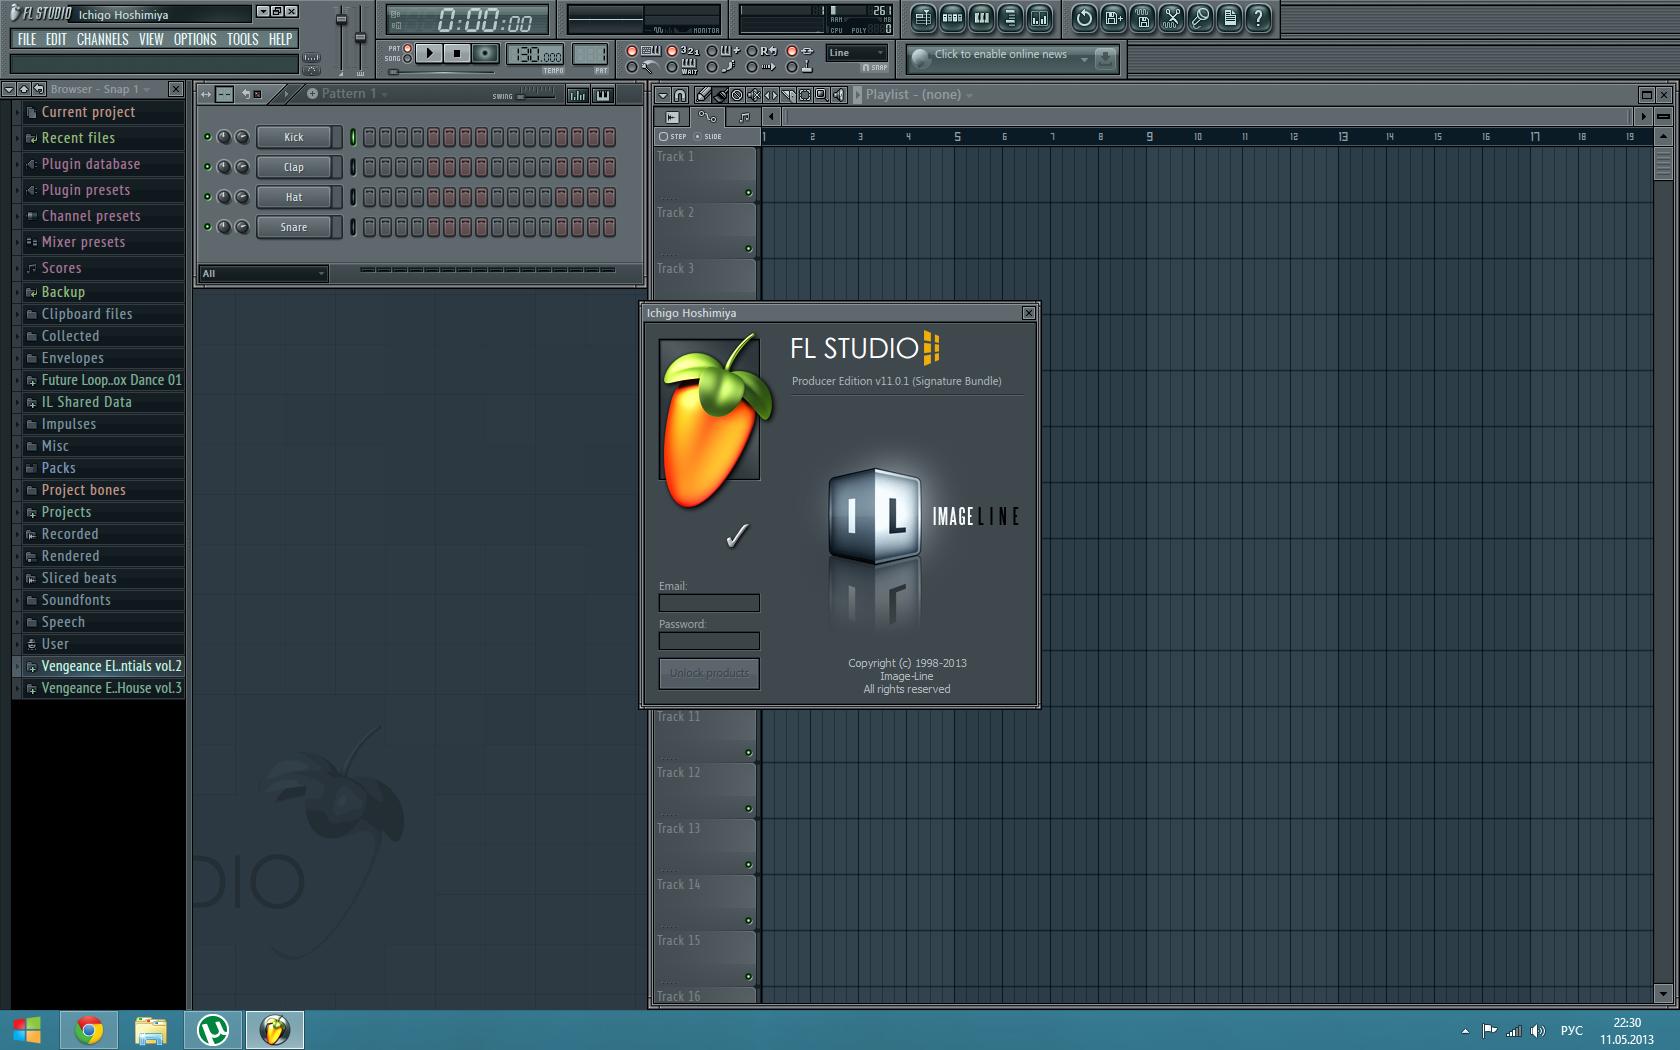 fl studio 12 crack zip